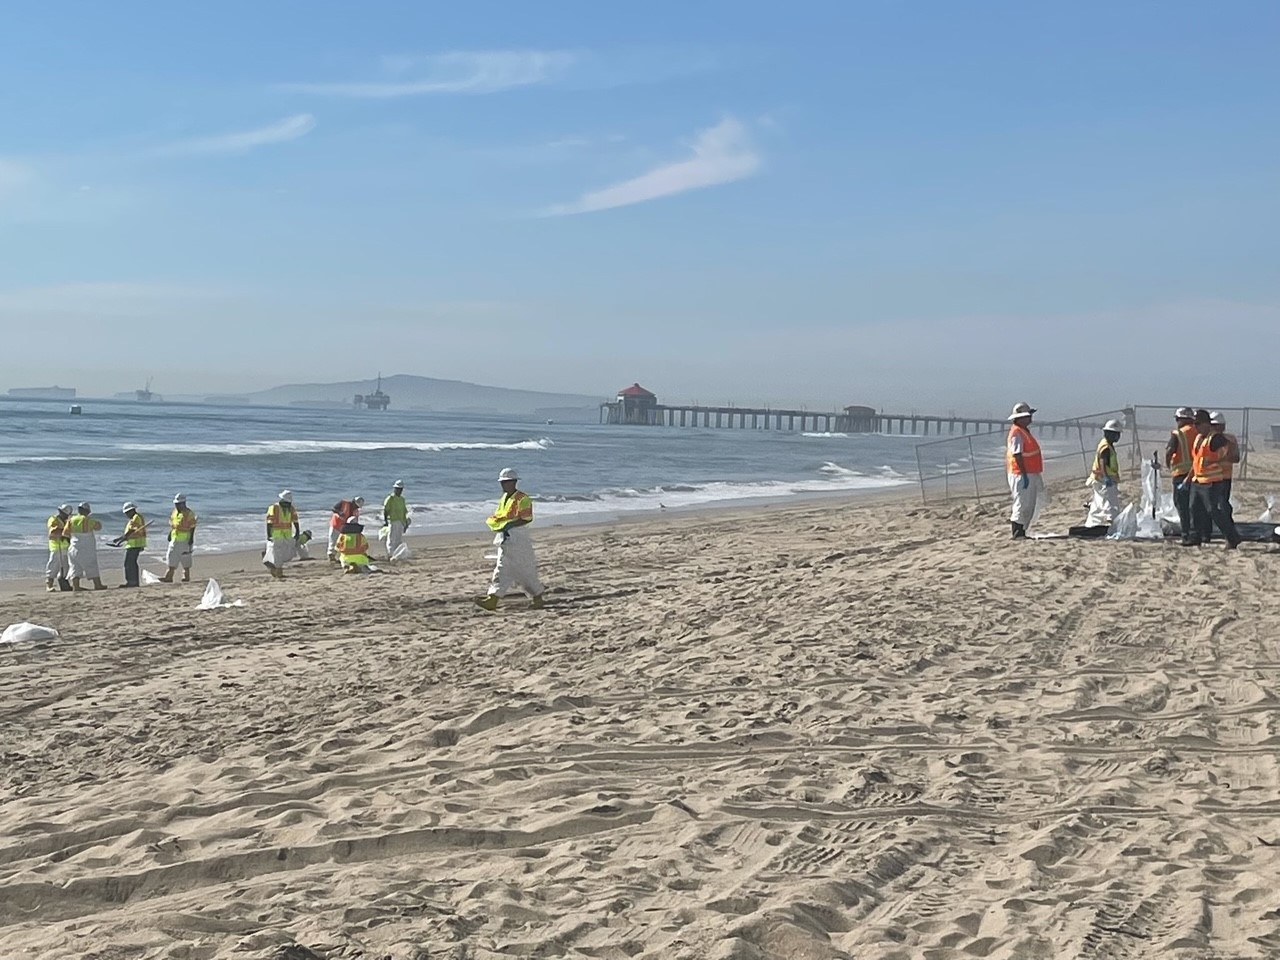 Экологическая катастрофа: в Калифорнии в океан попало более полумиллиона литров нефти (ФОТО) - фото №6